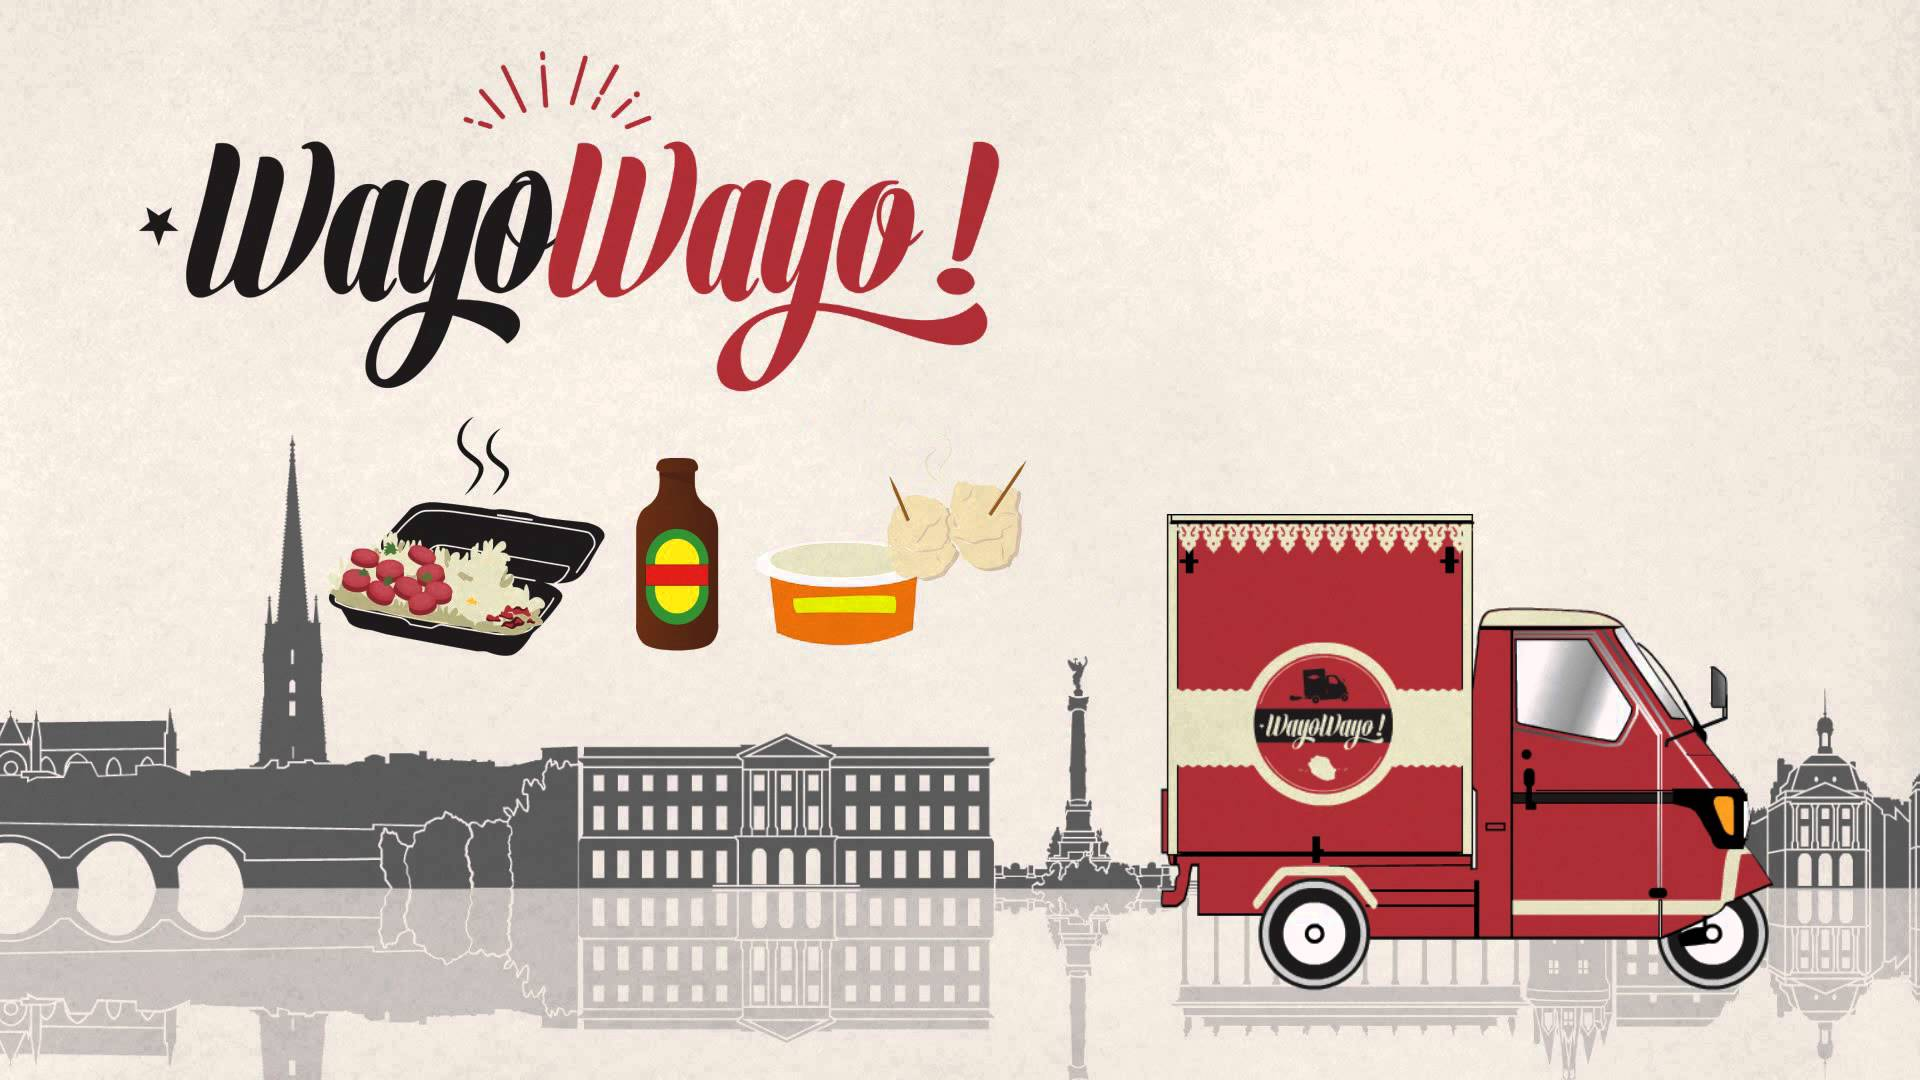 Wayo-Wayo, le projet de Food truck à Bordeaux